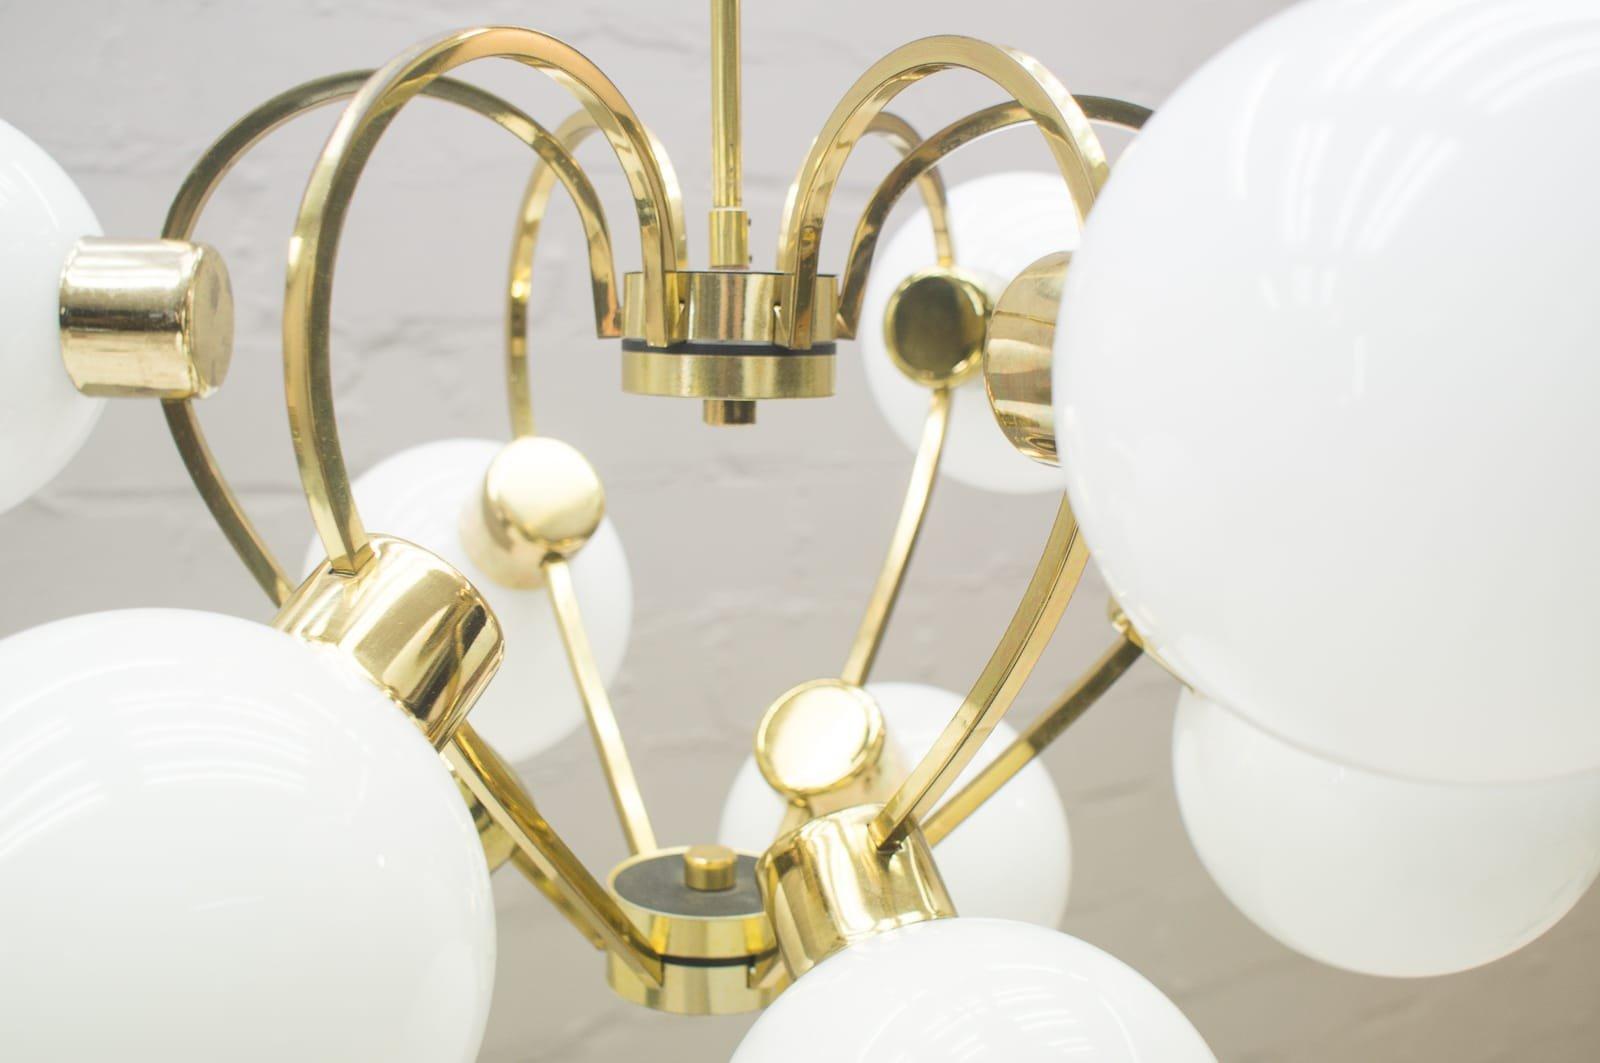 Vintage lampe mit schirmen aus opalglas 1960er bei pamono for Lampe mit mehreren schirmen